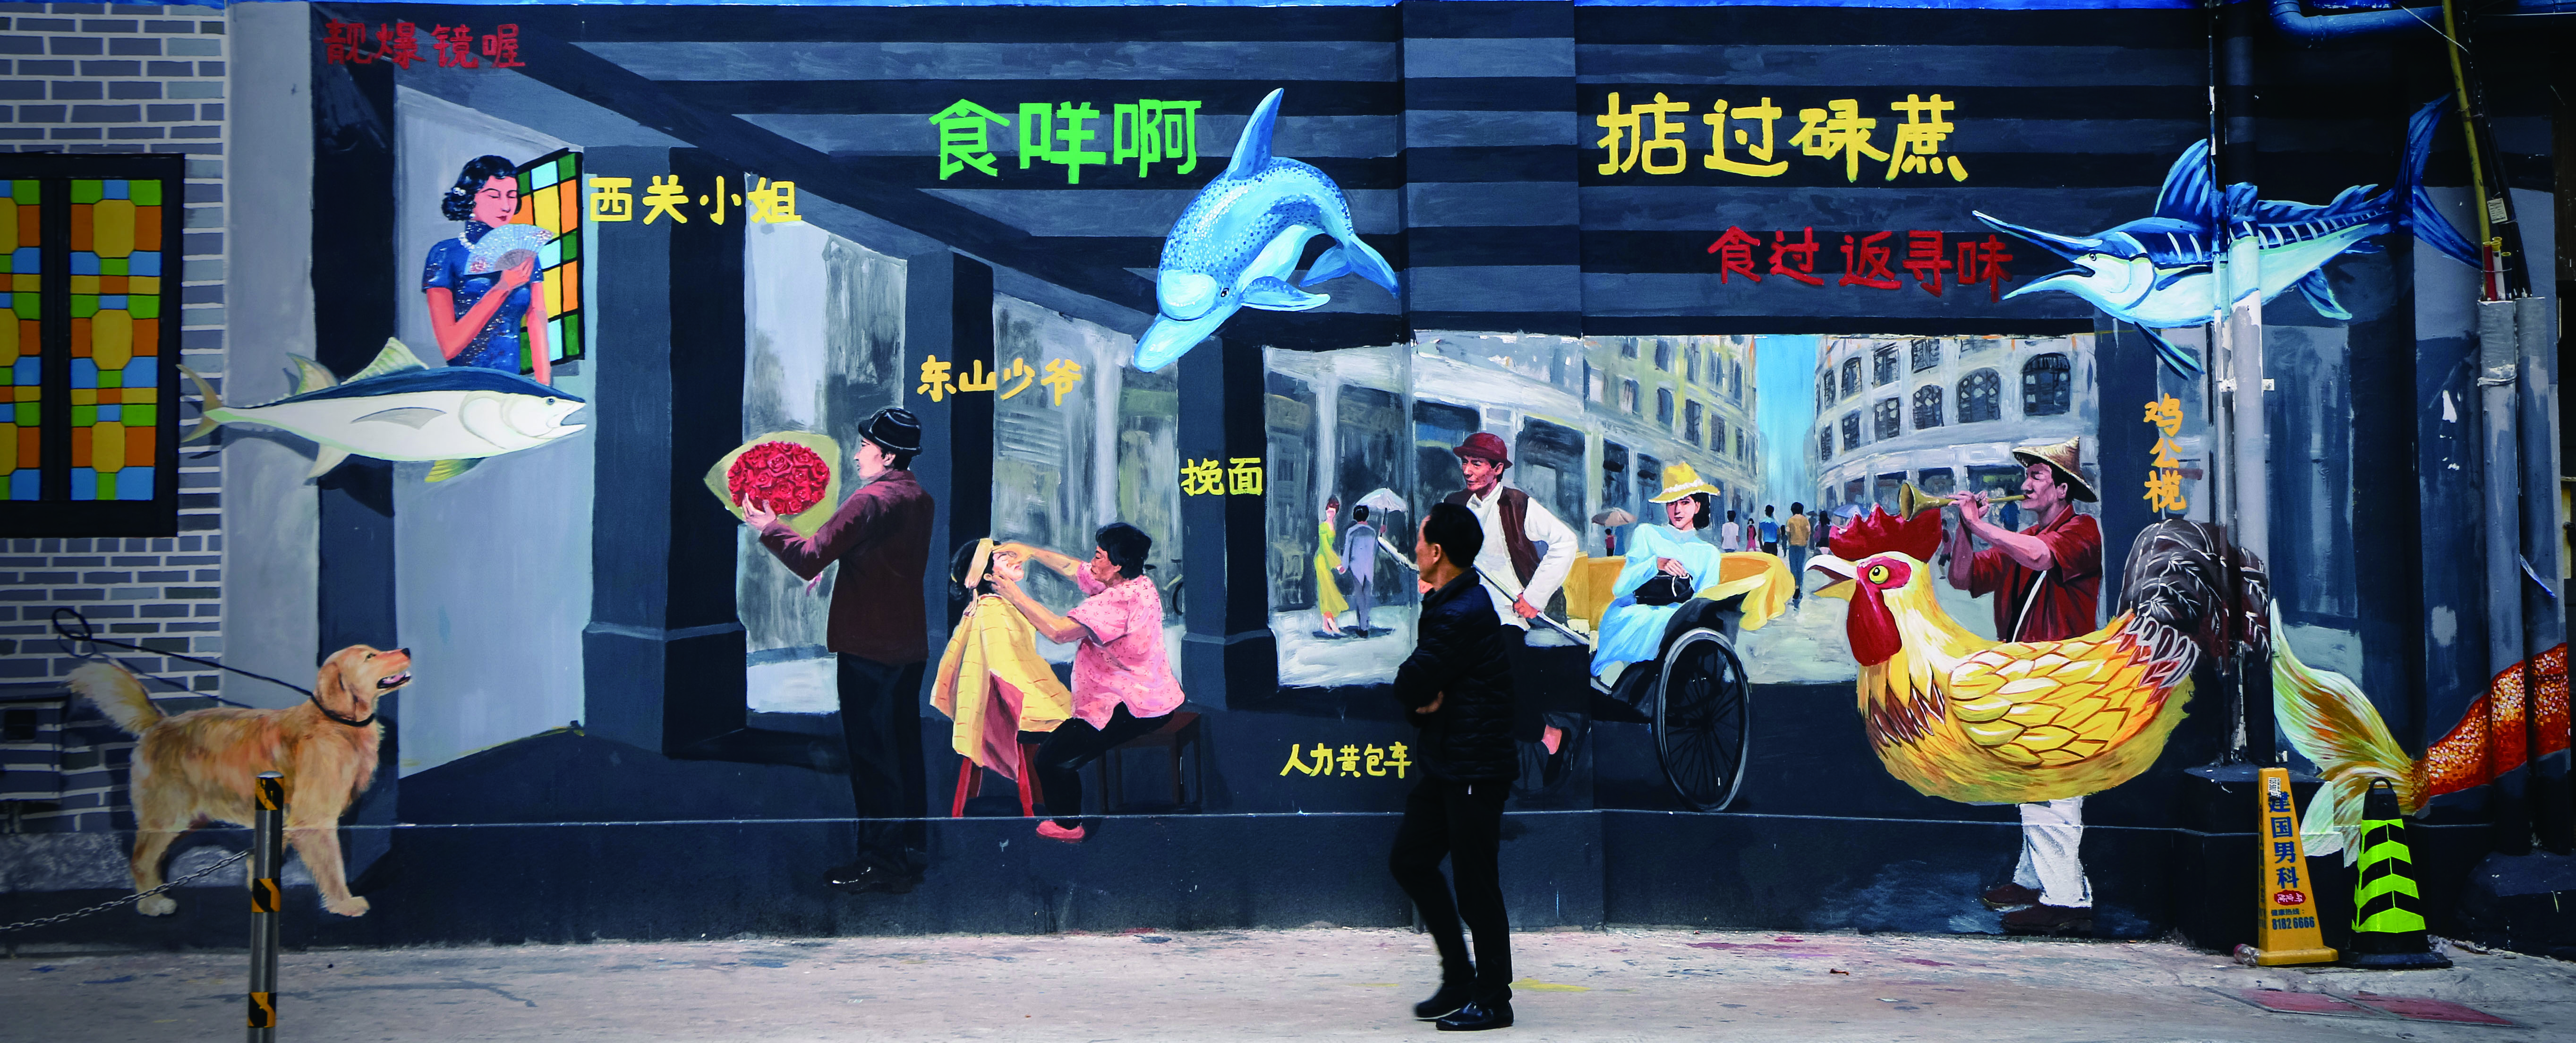 136_Cantonese_6